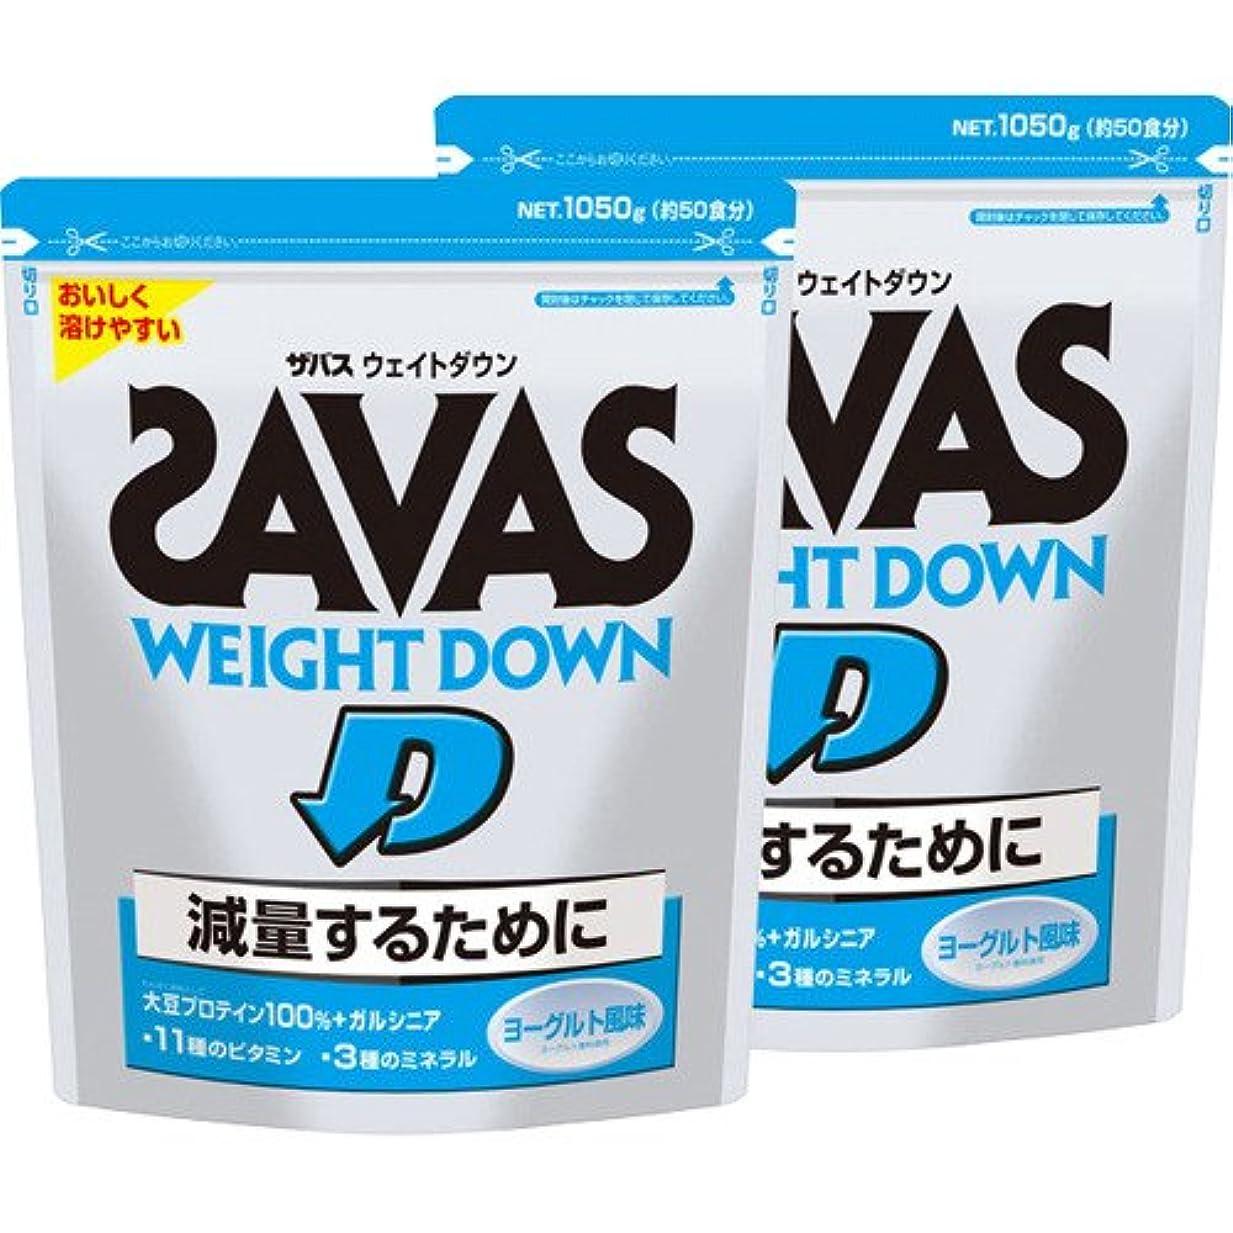 破滅的な口径進む【セット販売】ザバス ウェイトダウン ヨーグルト風味 1050g×2袋